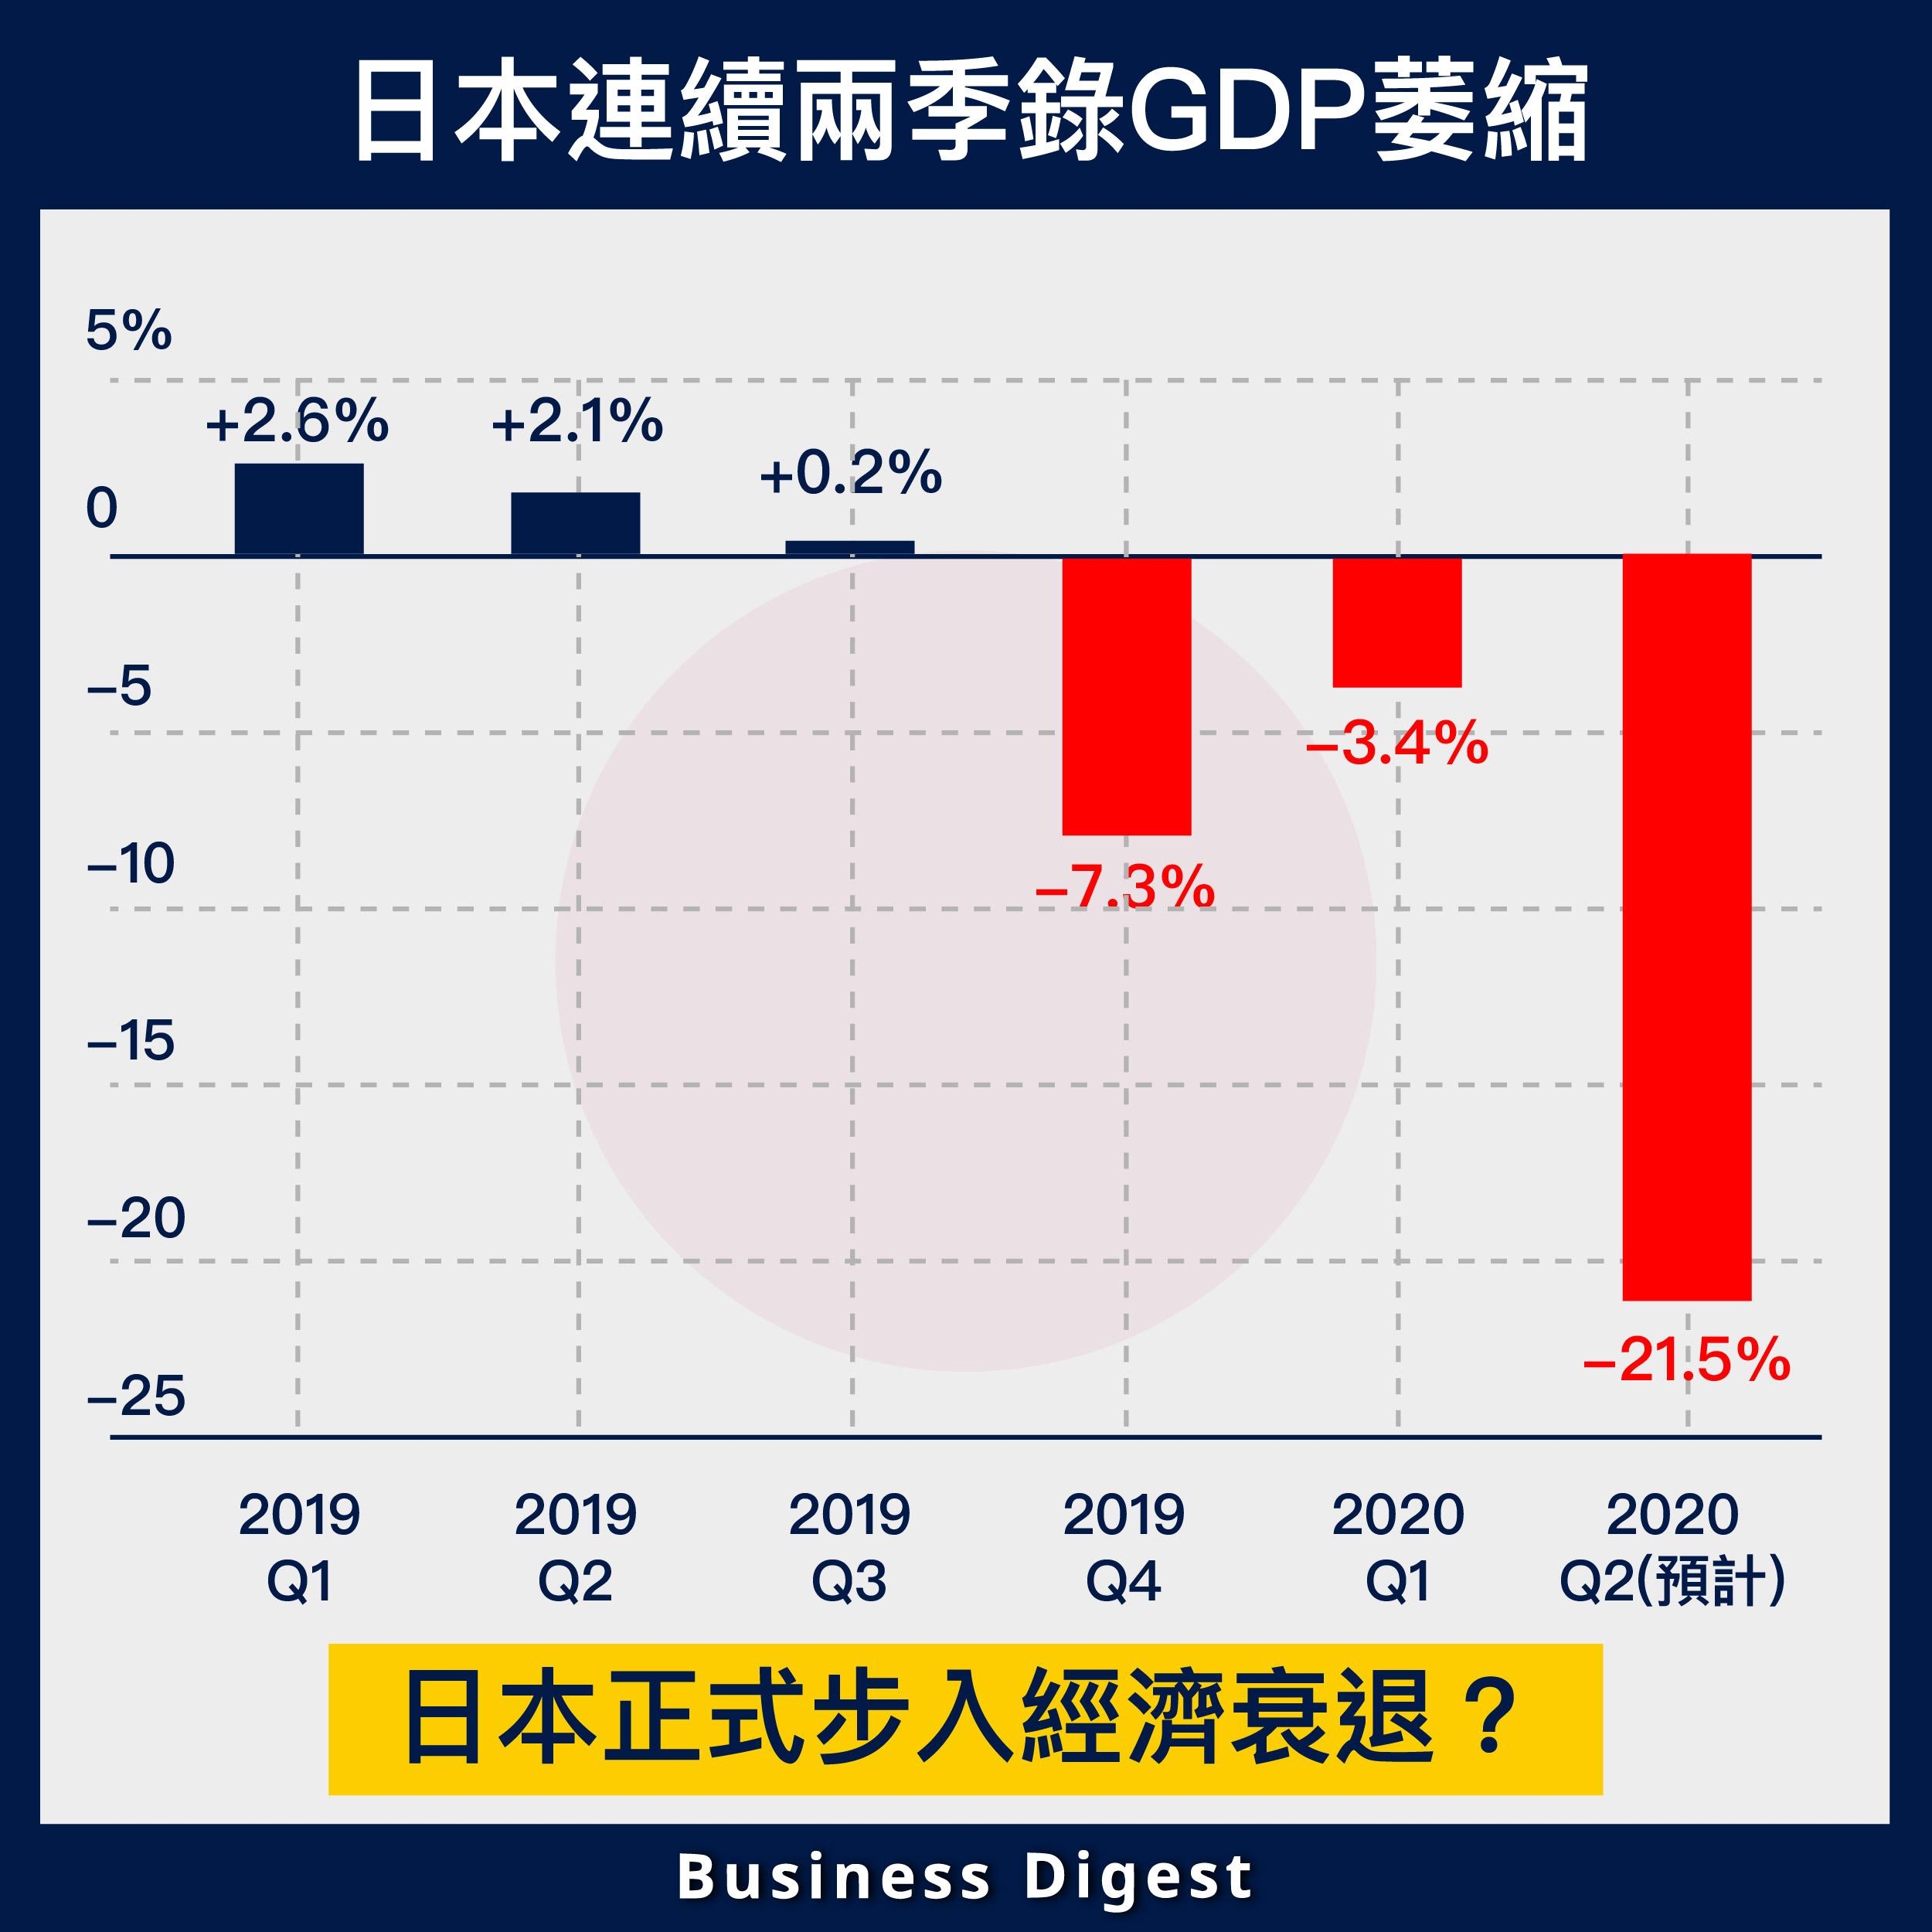 【從數據認識經濟】日本連續兩季錄GDP萎縮